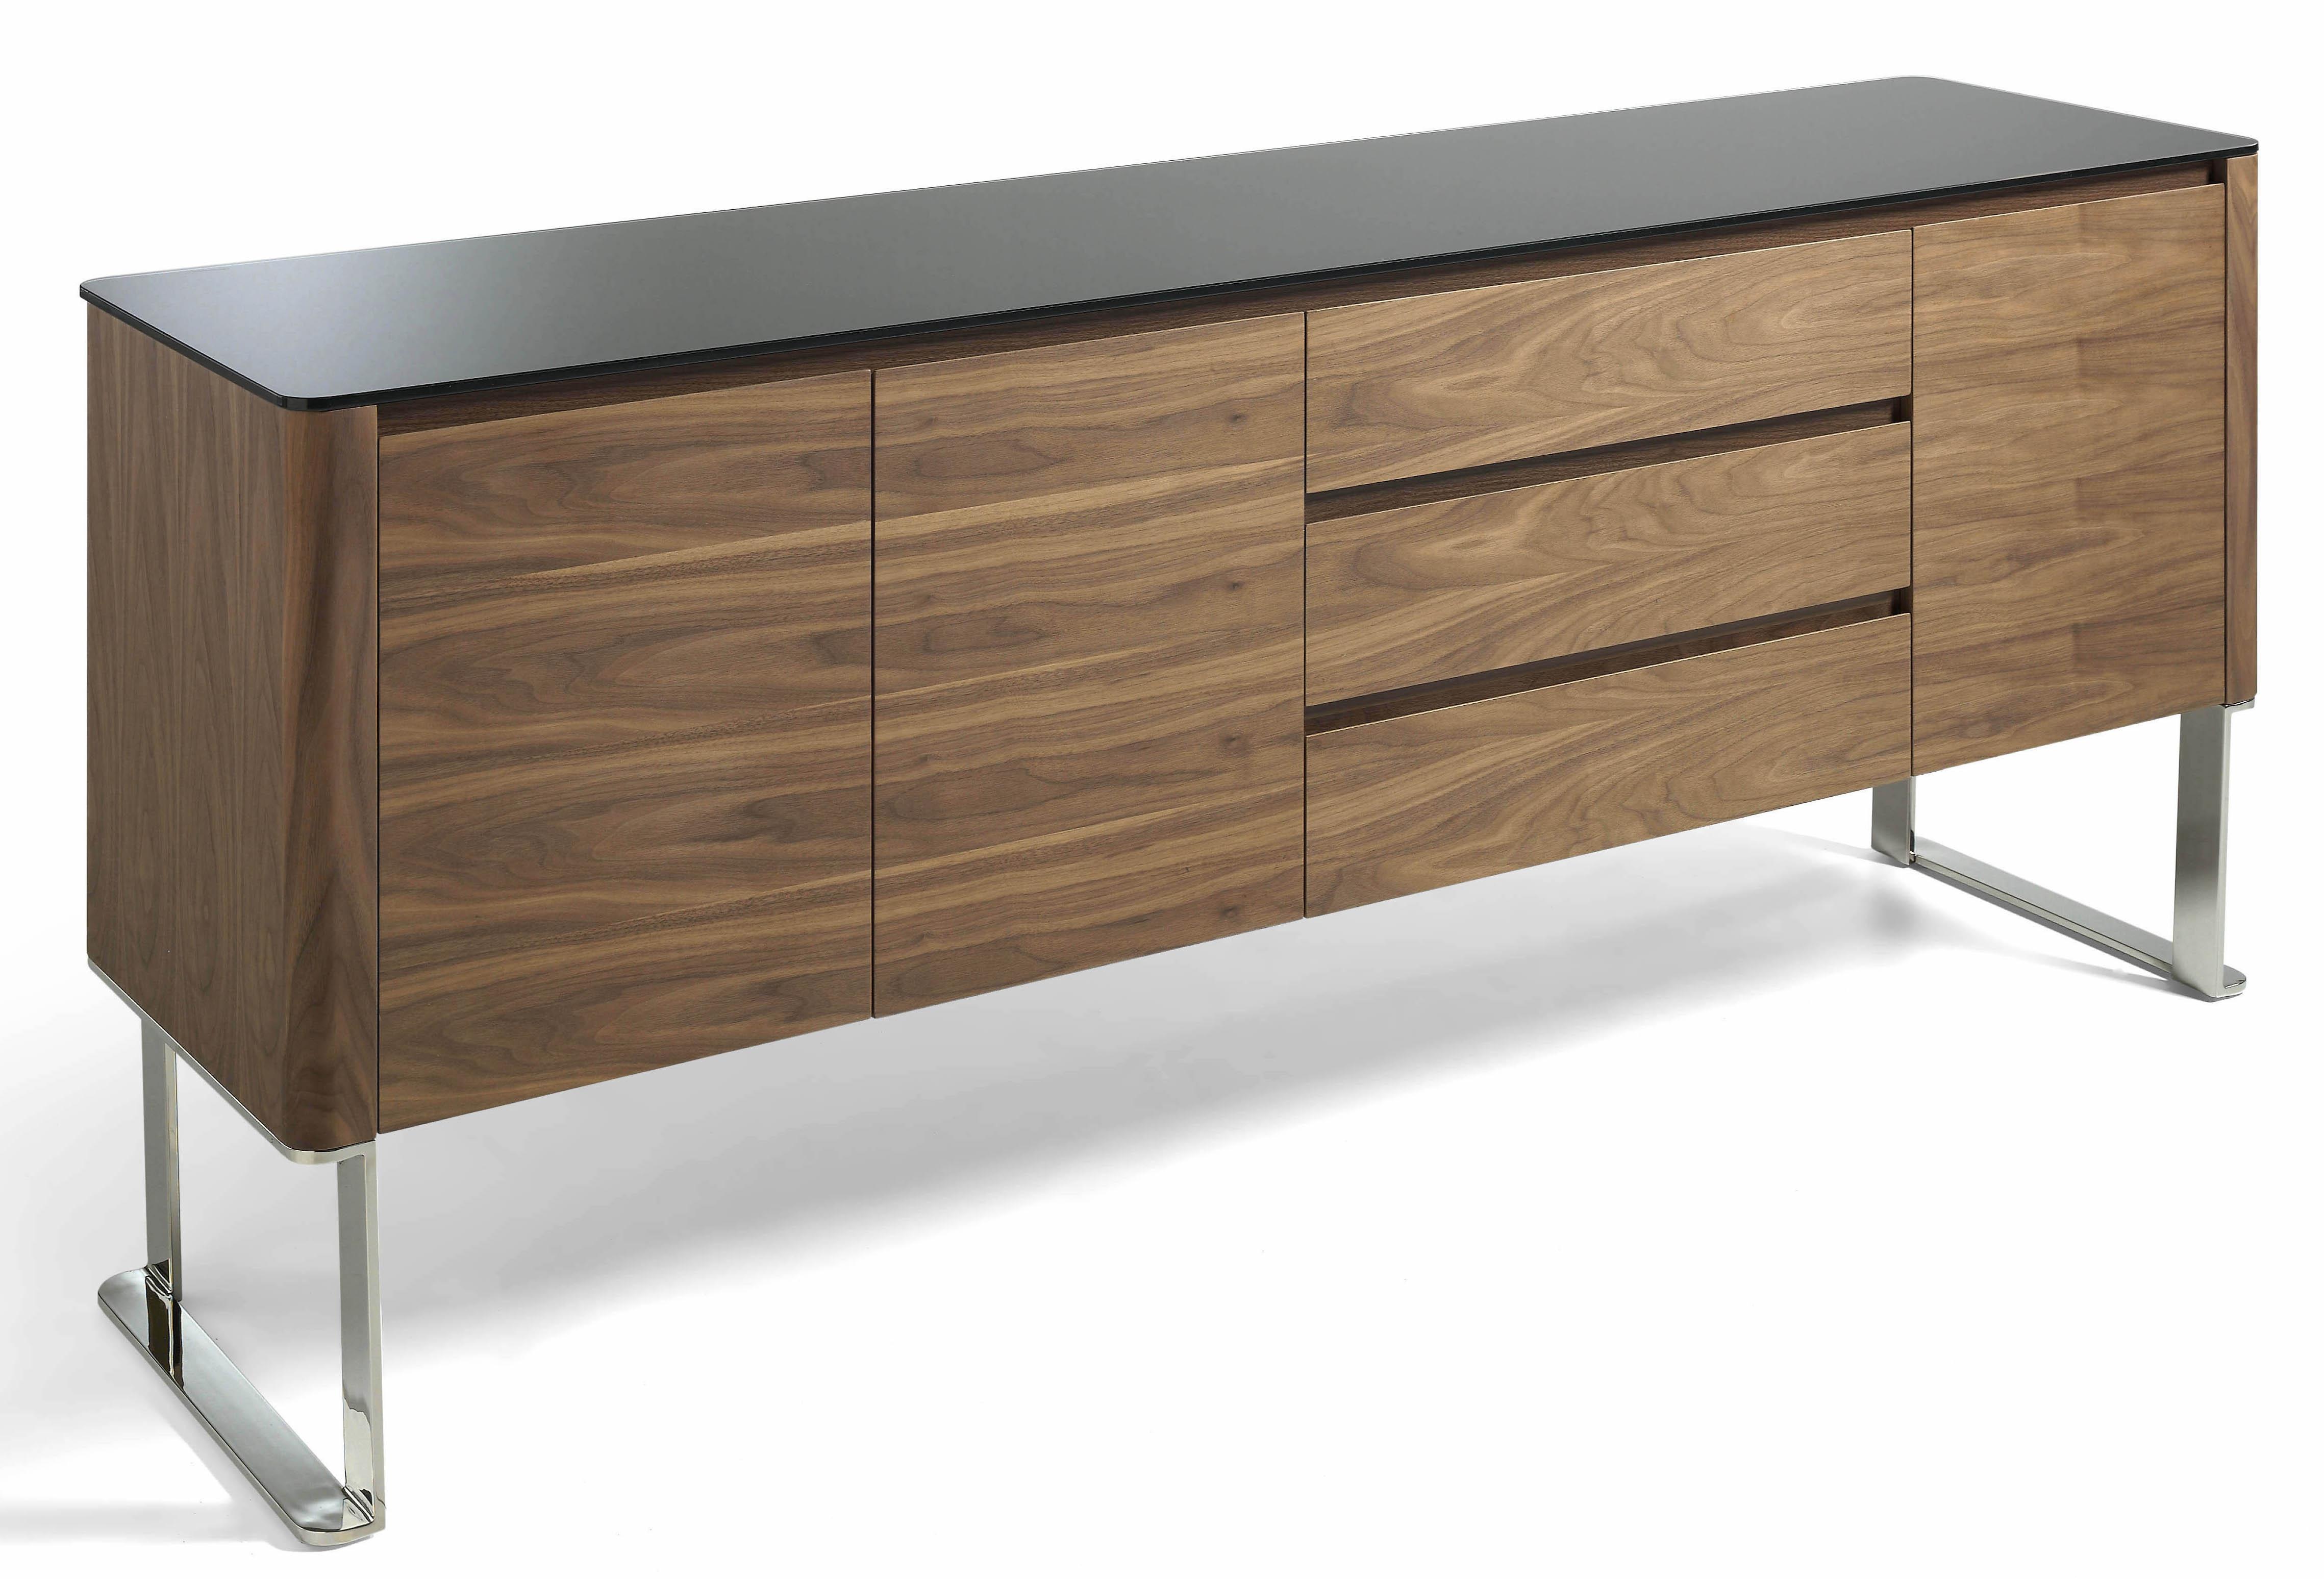 emejing chambre en enfilade contemporary antoniogarcia. Black Bedroom Furniture Sets. Home Design Ideas